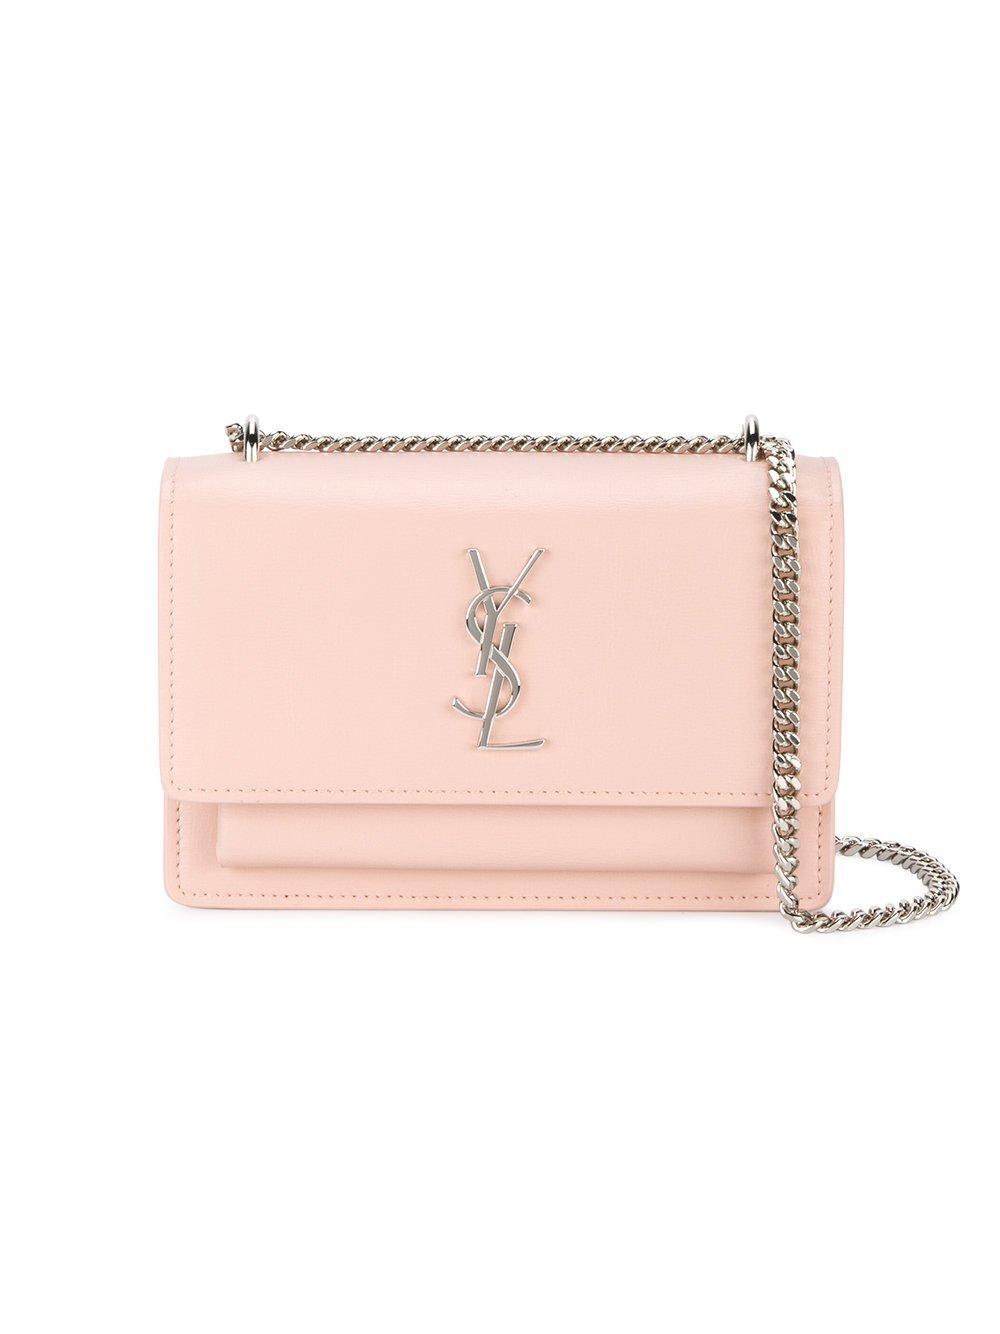 Saint Laurent Women's 452157D422n6920 Pink Leather Shoulder Bag